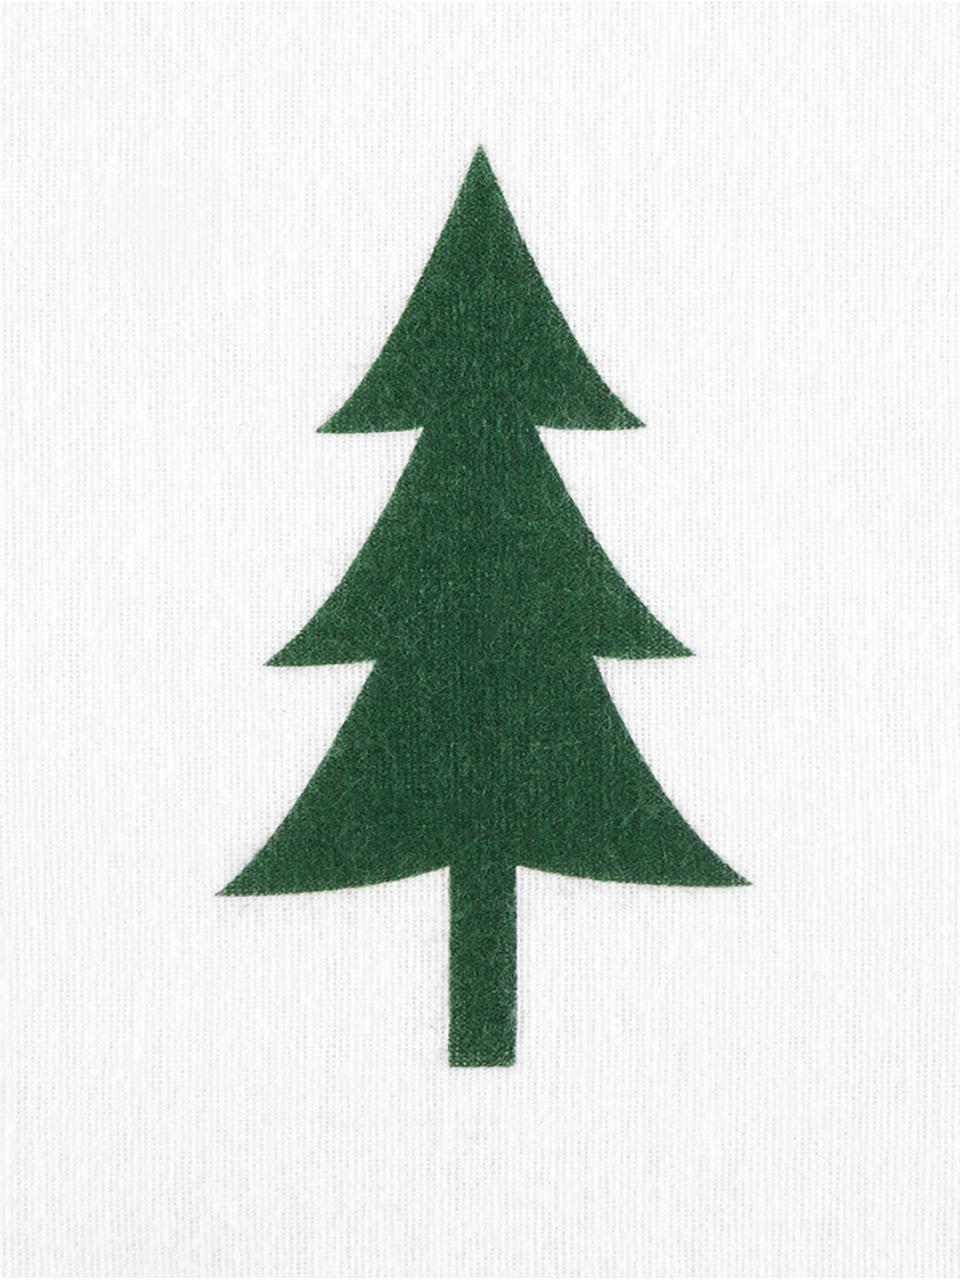 Flanell-Bettwäsche X-mas Tree mit Tannenbäumen, Webart: Flanell Flanell ist ein s, Weiß, Grün, 240 x 220 cm + 2 Kissen 80 x 80 cm